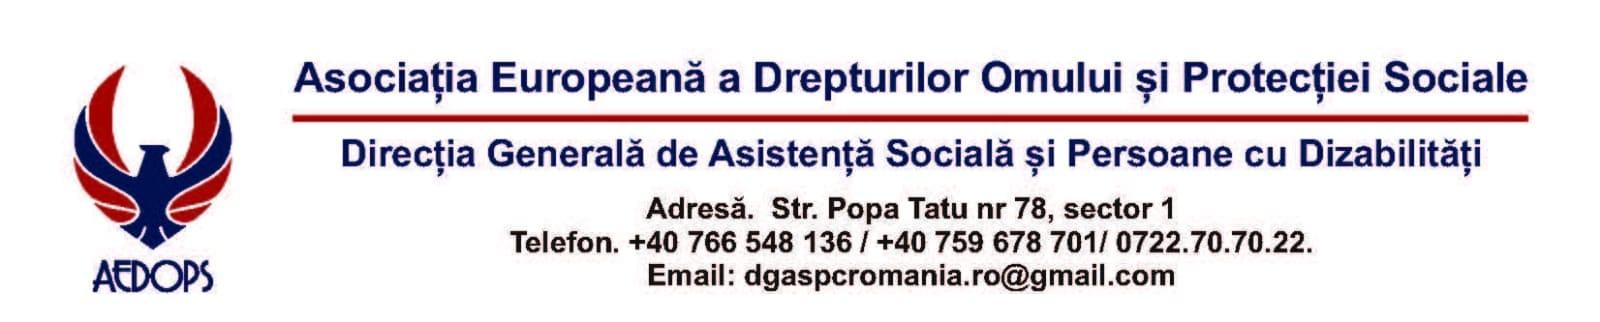 """DIRECȚIA GENERALĂ DE ASISTENȚĂ SOCIALĂ ȘI PERSOANE CU DIZABILITĂȚI ROMÂNIA LANSEAZĂ  Campania Umanitară """"Ajută-mă să Ajut"""" pentru Sinistrații din țară!"""